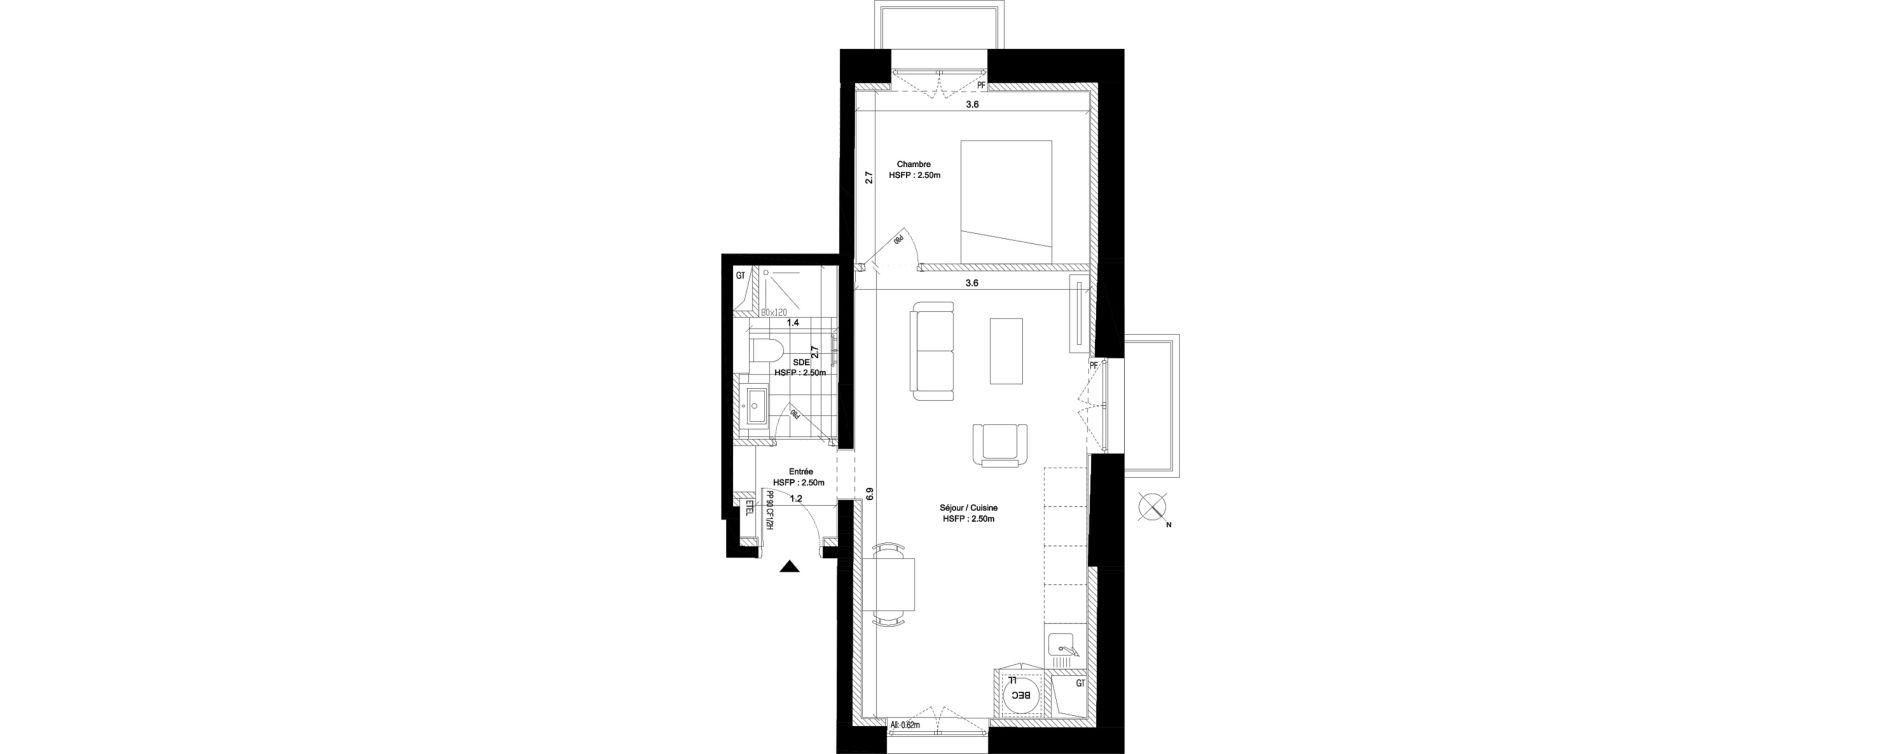 Appartement T2 de 38,90 m2 au Pecq Centre